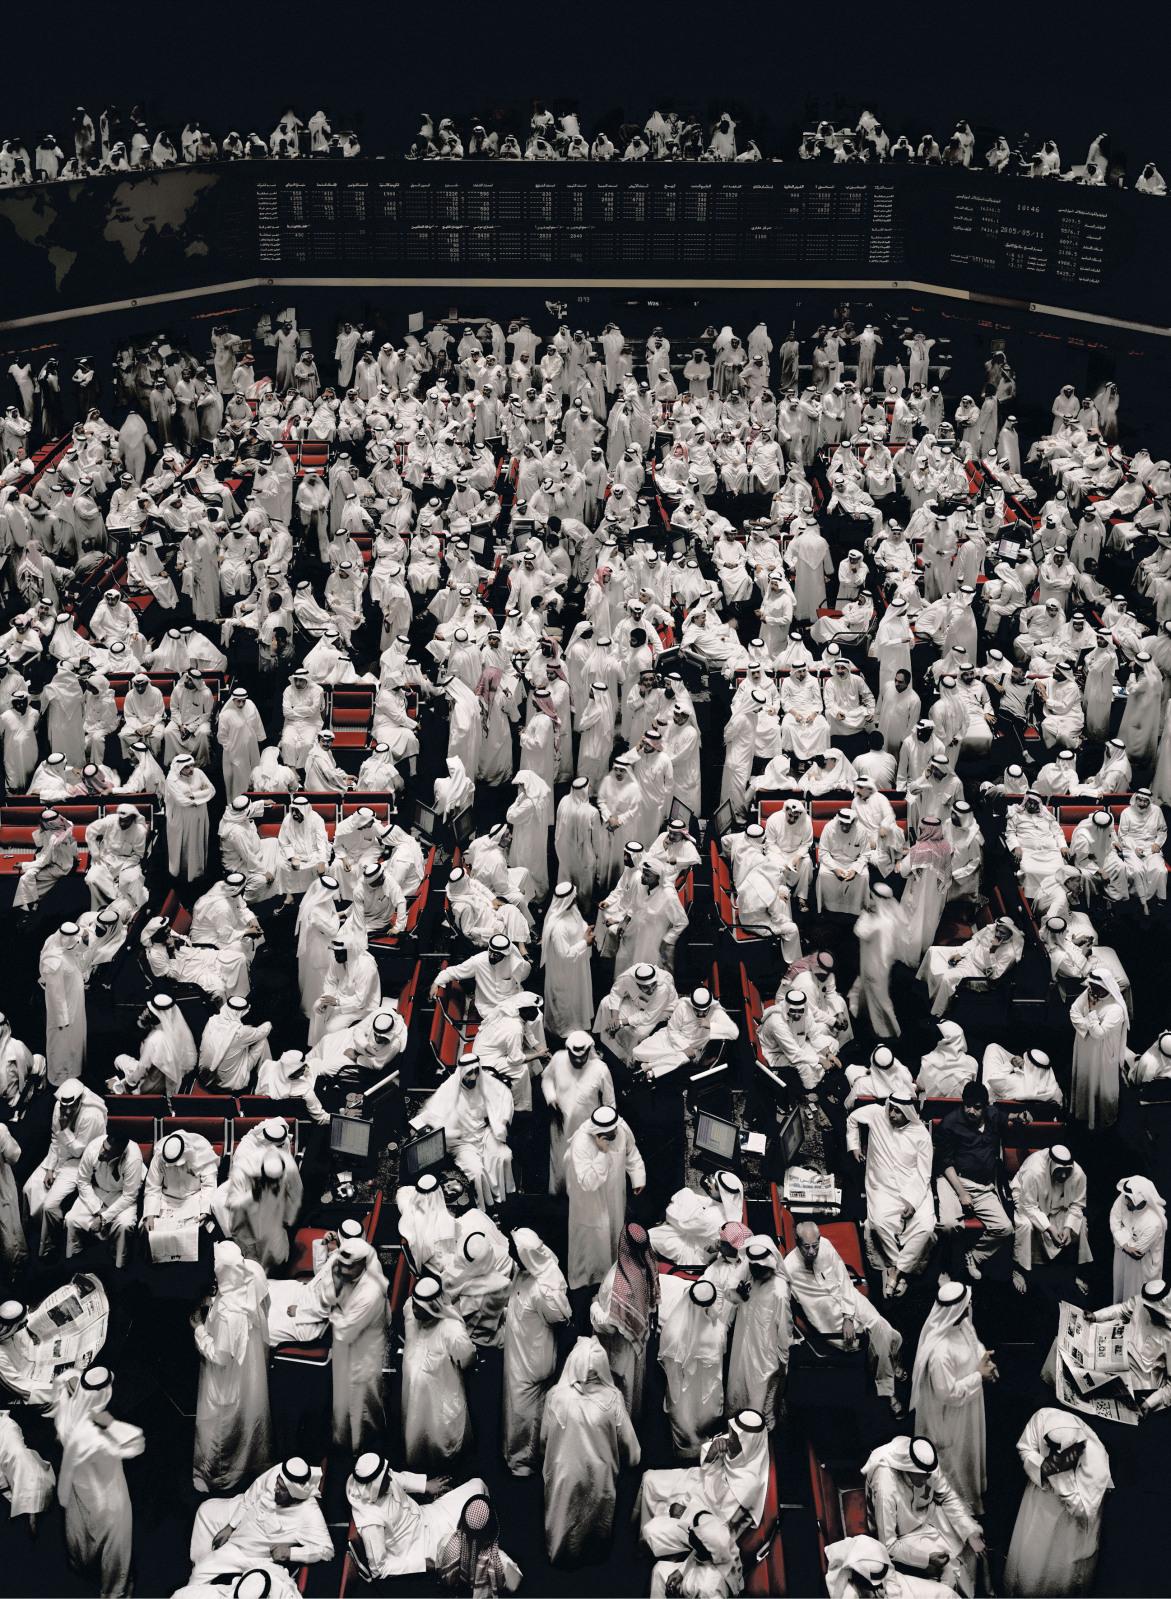 (安德列亚斯·古斯基《科威特证券交易所(Kuwait Stock Exchange)》,2000)